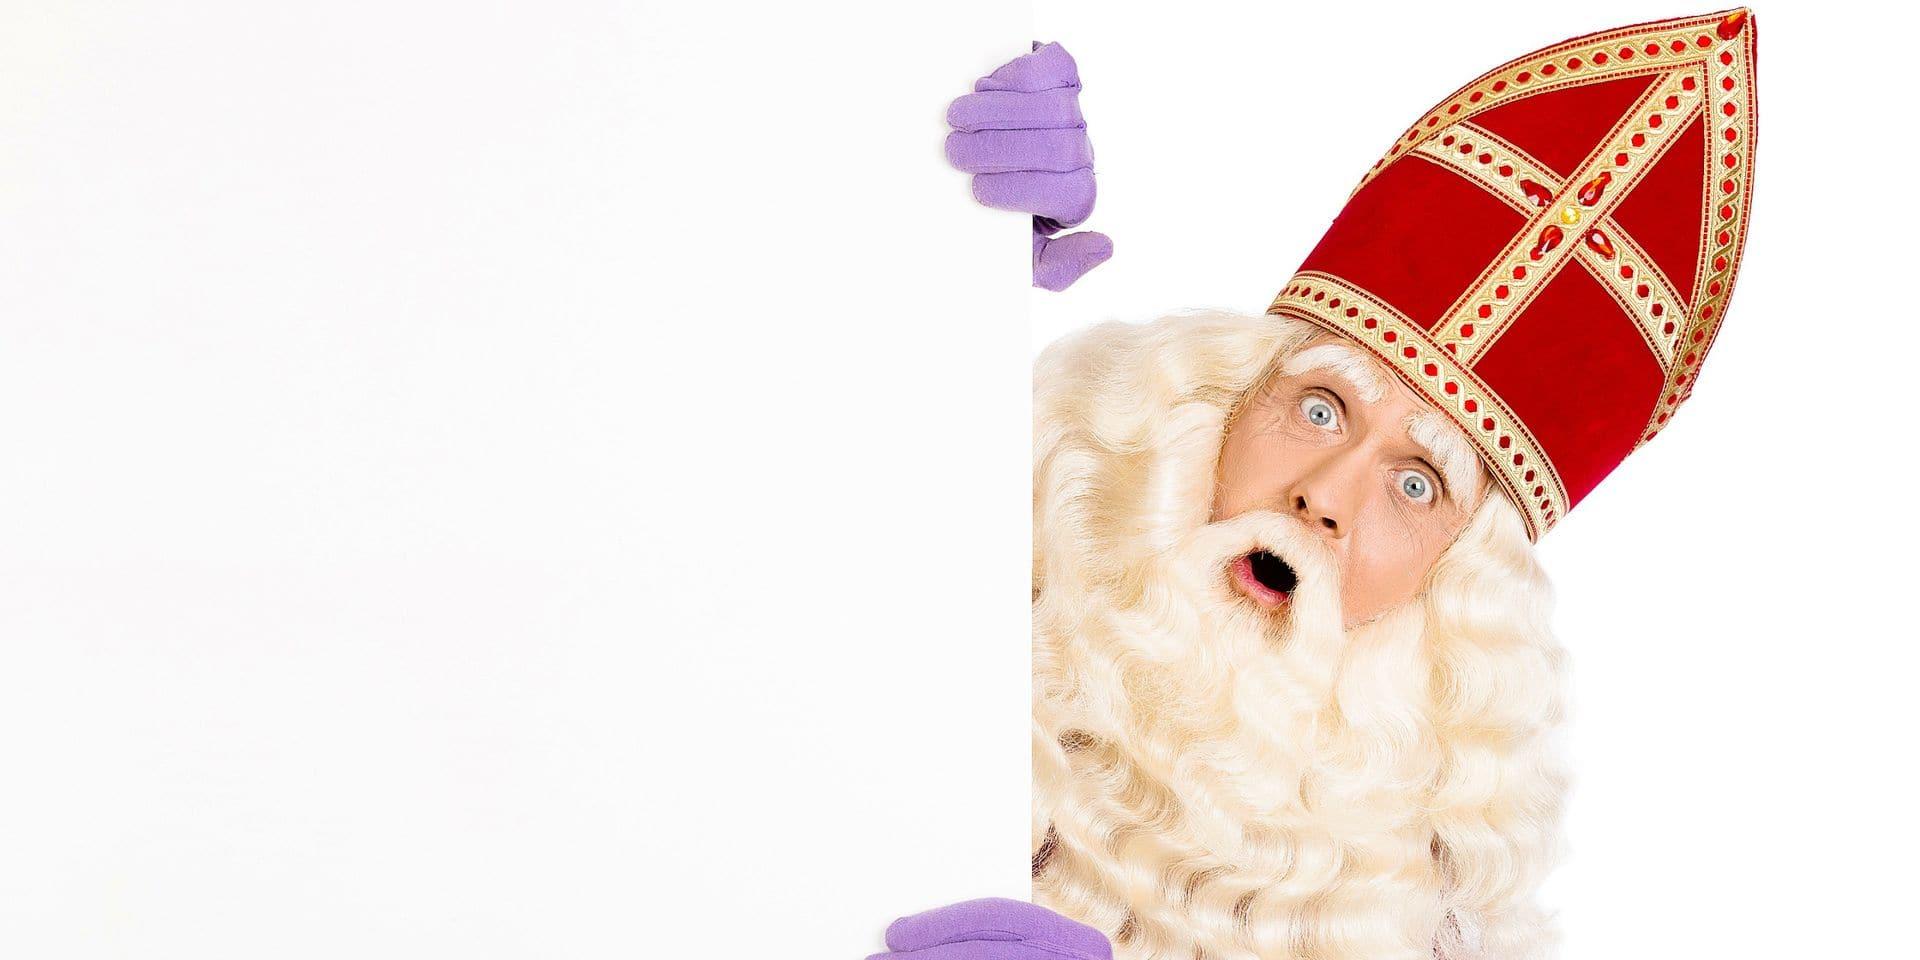 Pression économique des fêtes : Saint-Nicolas et Noël à crédit, une triste réalité